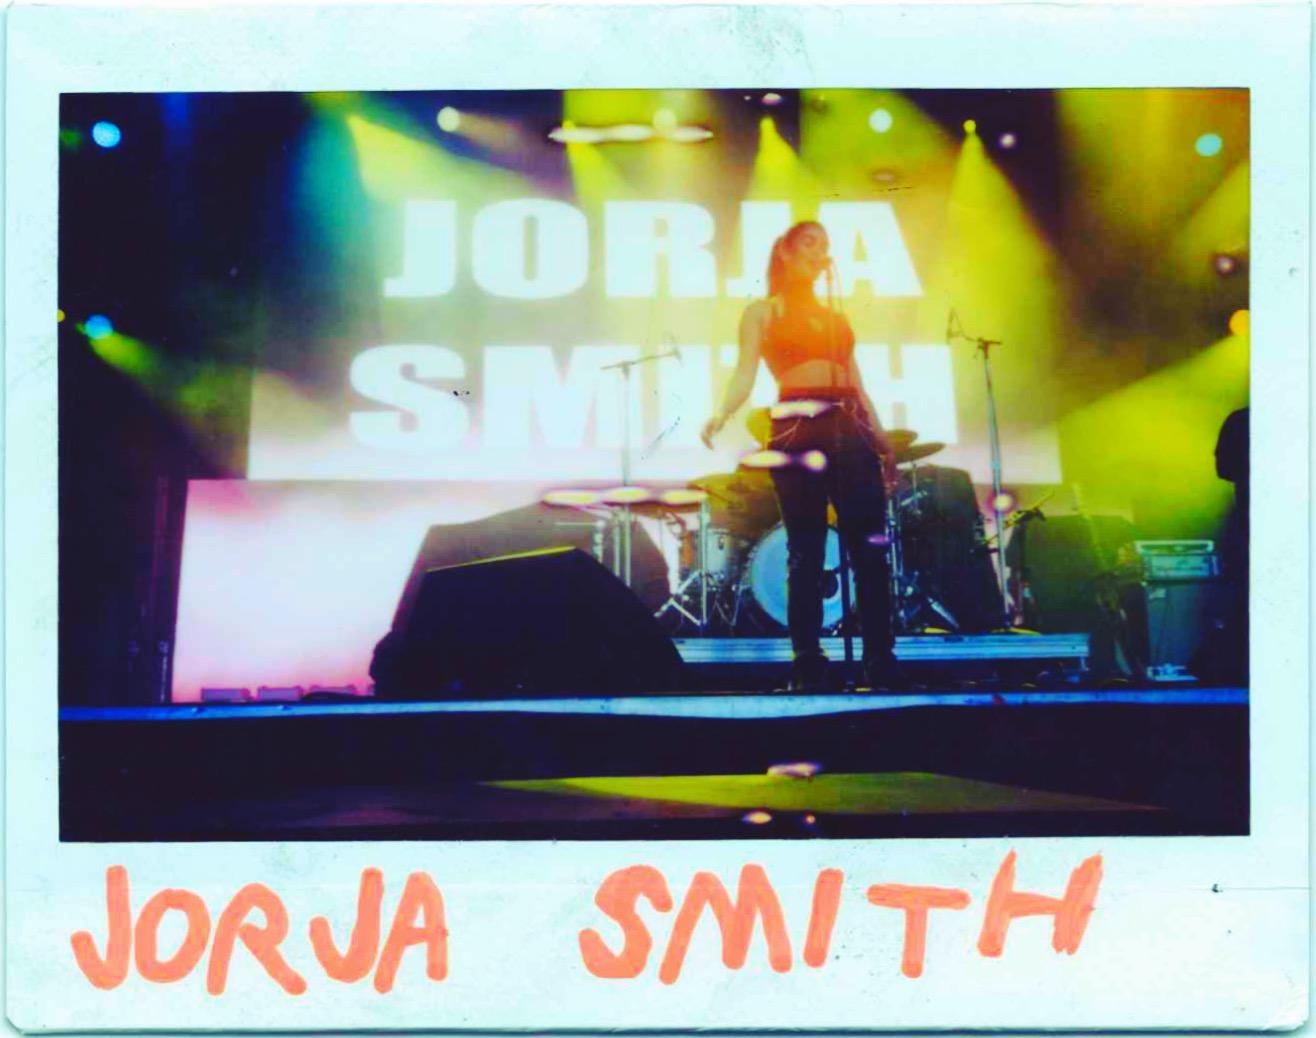 Jorja Smith -photo by Interracial Friends